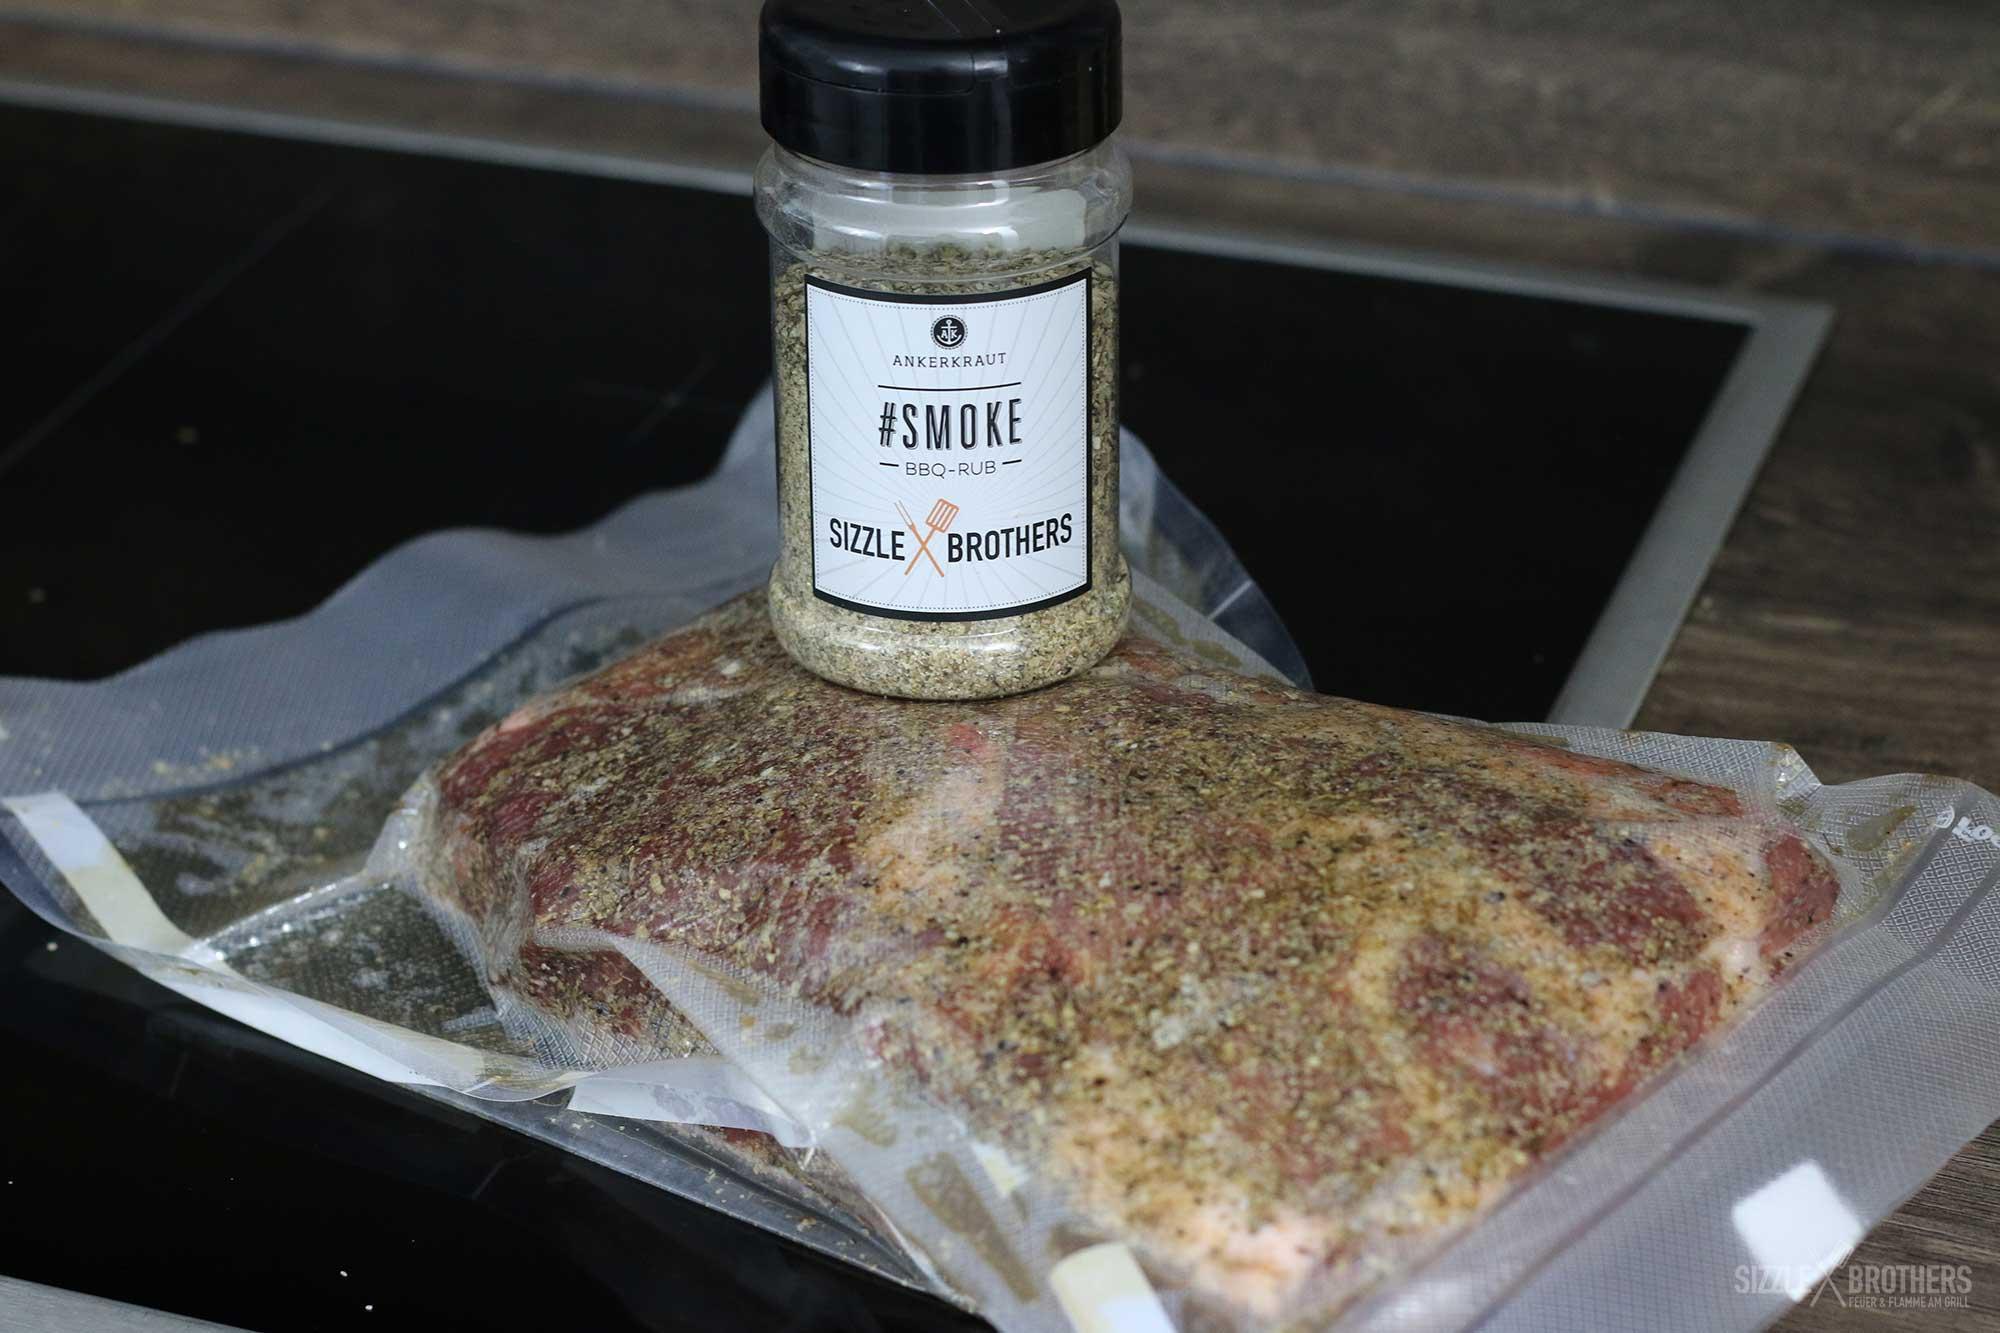 Pulled Pork Gasgrill Sizzle Brothers : Pulled pork sous vide gegart immer püntklich fertig!